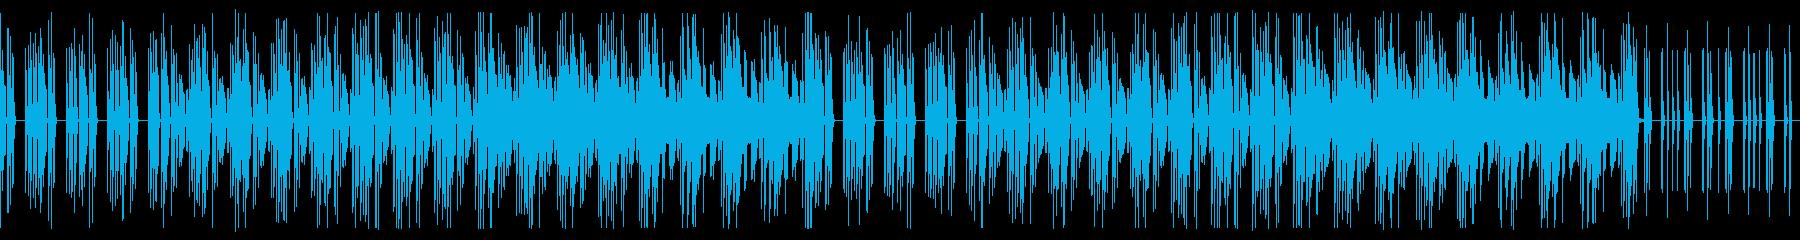 ゆっくり考える ピアノと木琴 ループ可!の再生済みの波形